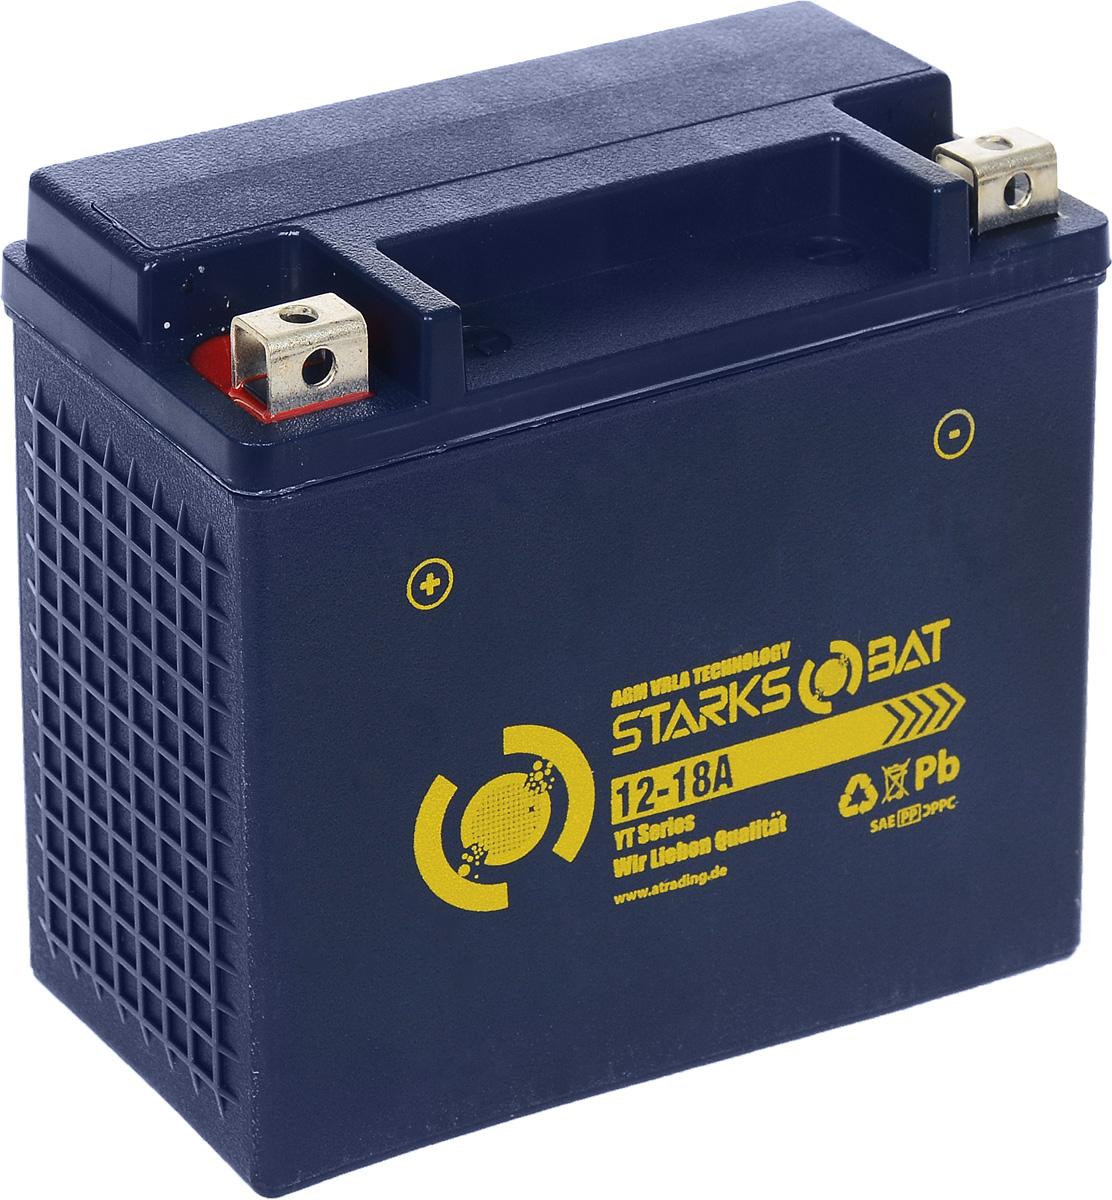 Батарея аккумуляторная для мотоциклов Starksbat. YT 12-18А (YTX20-BS)YT 12-18ААккумулятор Starksbat изготовлен по технологии AGM, обеспечивающей повышенный уровень безопасности батареи и удобство ее эксплуатации. Корпус выполнен из особо ударопрочного и морозостойкого полипропилена. Аккумулятор блестяще доказал свои высокие эксплуатационные свойства в самых экстремальных условиях бездорожья, высоких и низких температур. Аккумуляторная батарея Starksbat производится под знаменитым немецким контролем качества, что обеспечивает ему высокие пусковые характеристики и восстановление емкости даже после глубокого разряда. Напряжение: 12 В. Емкость: 18 Ач. Полярность: прямая (+ -). Ток холодной прокрутки: 230 Аh (EN).